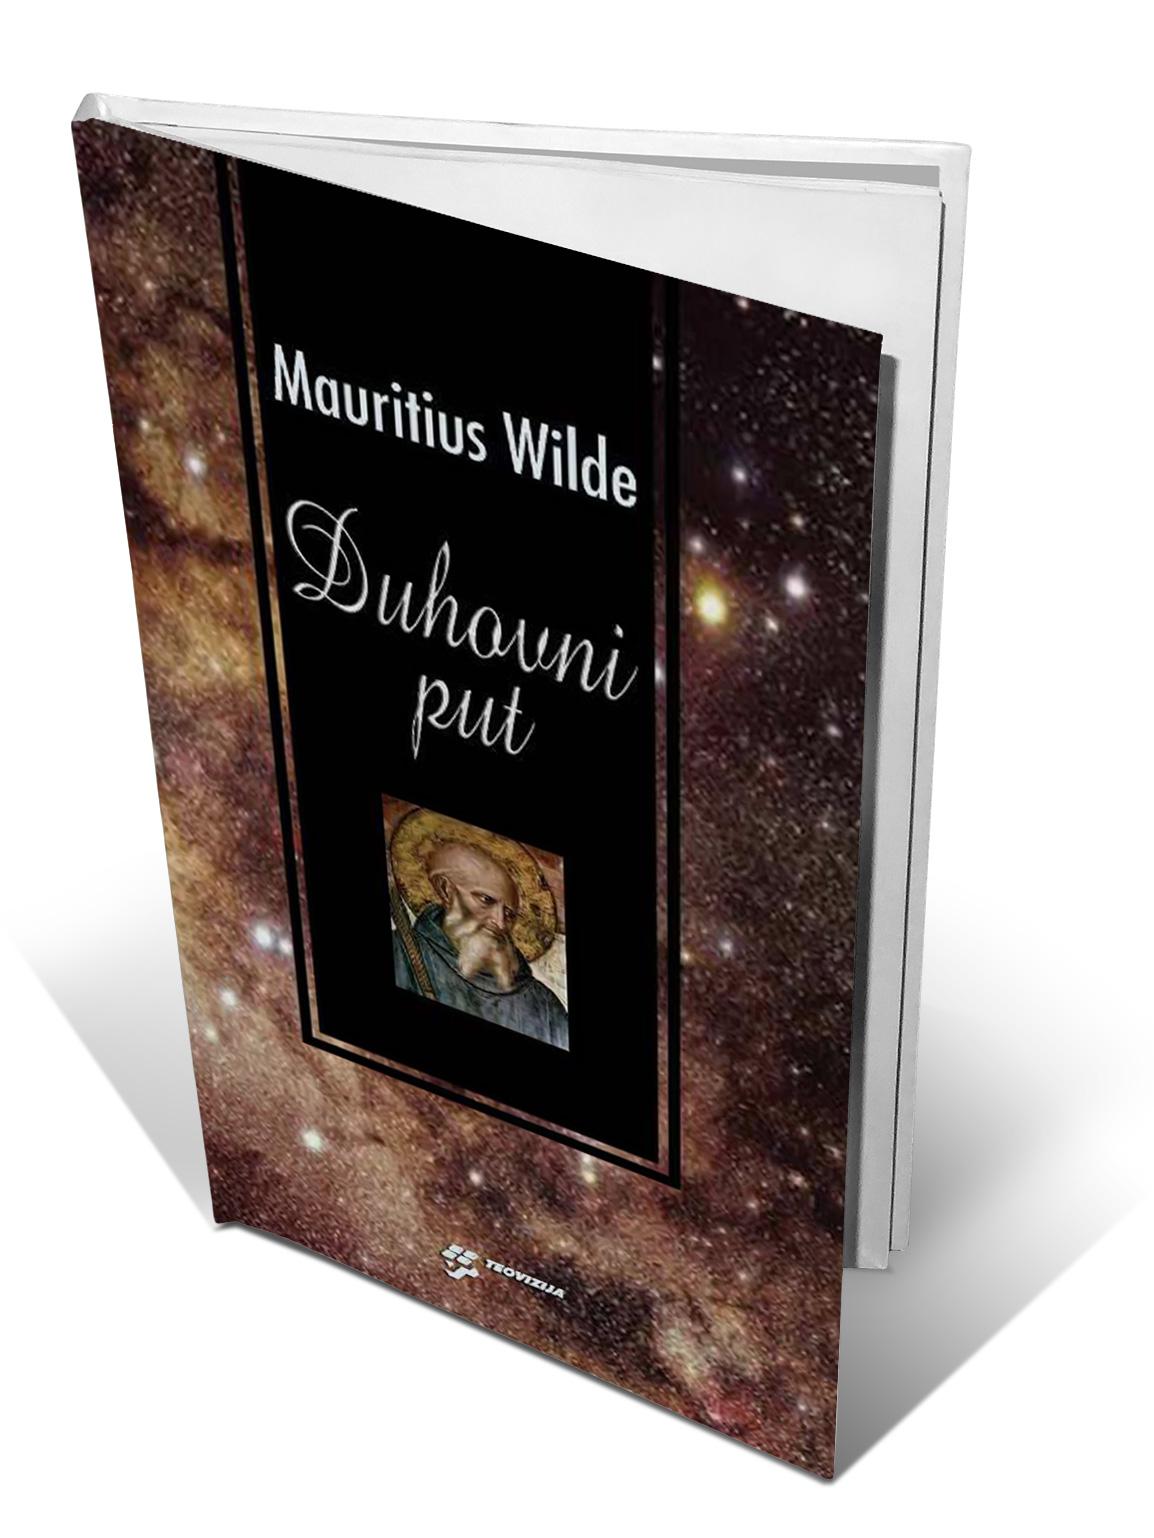 DUHOVNI PUT - Mauritius Wilde